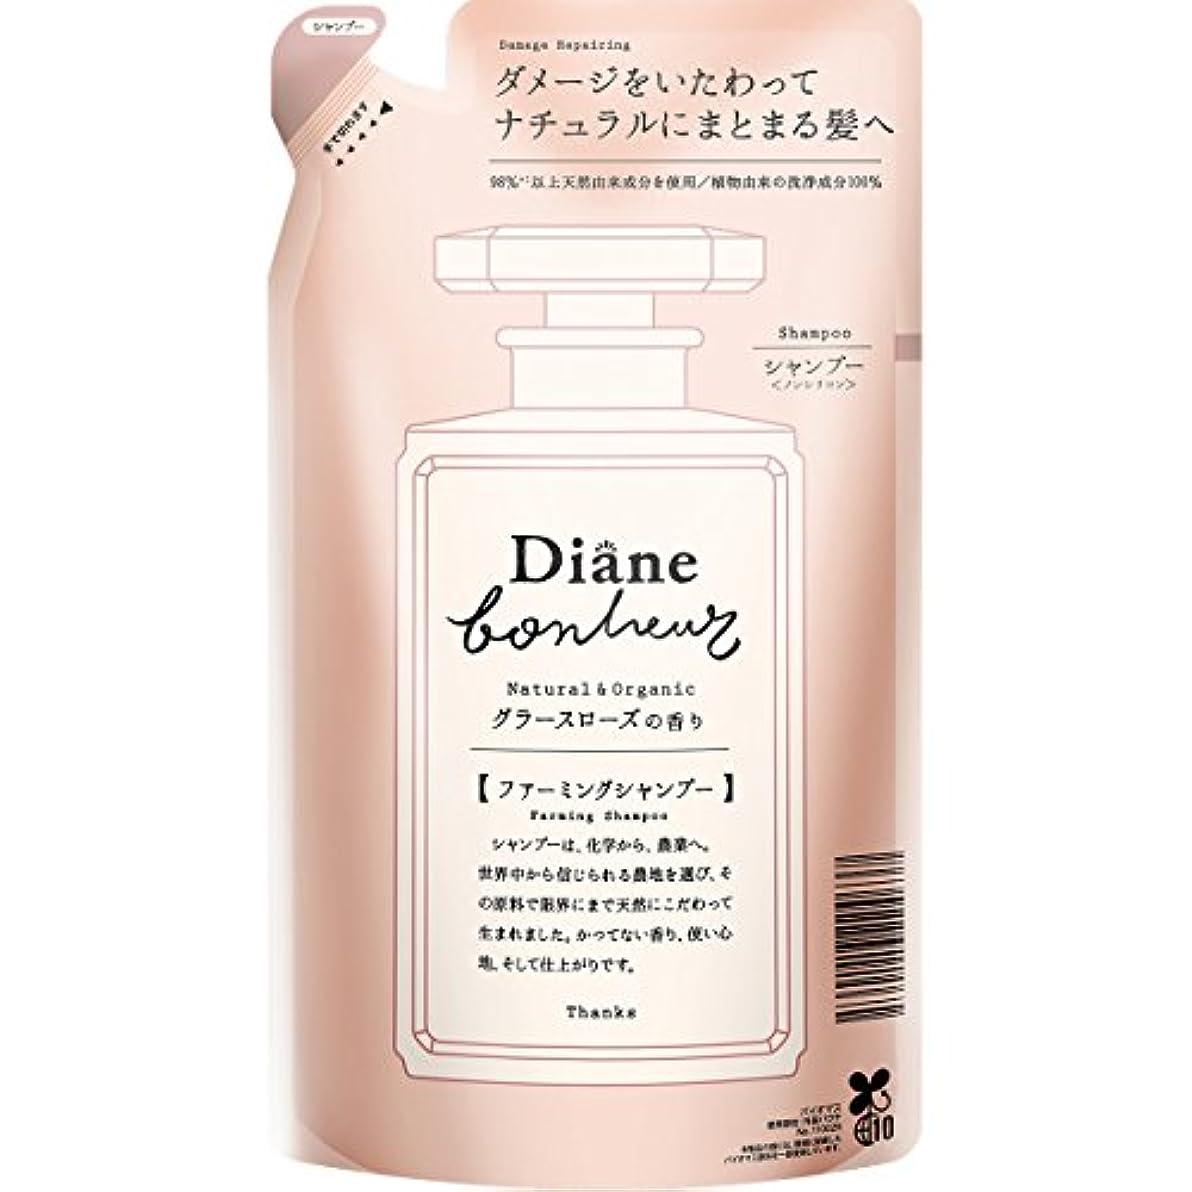 分析的百受動的ダイアン ボヌール グラースローズの香り ダメージリペア シャンプー 詰め替え 400ml